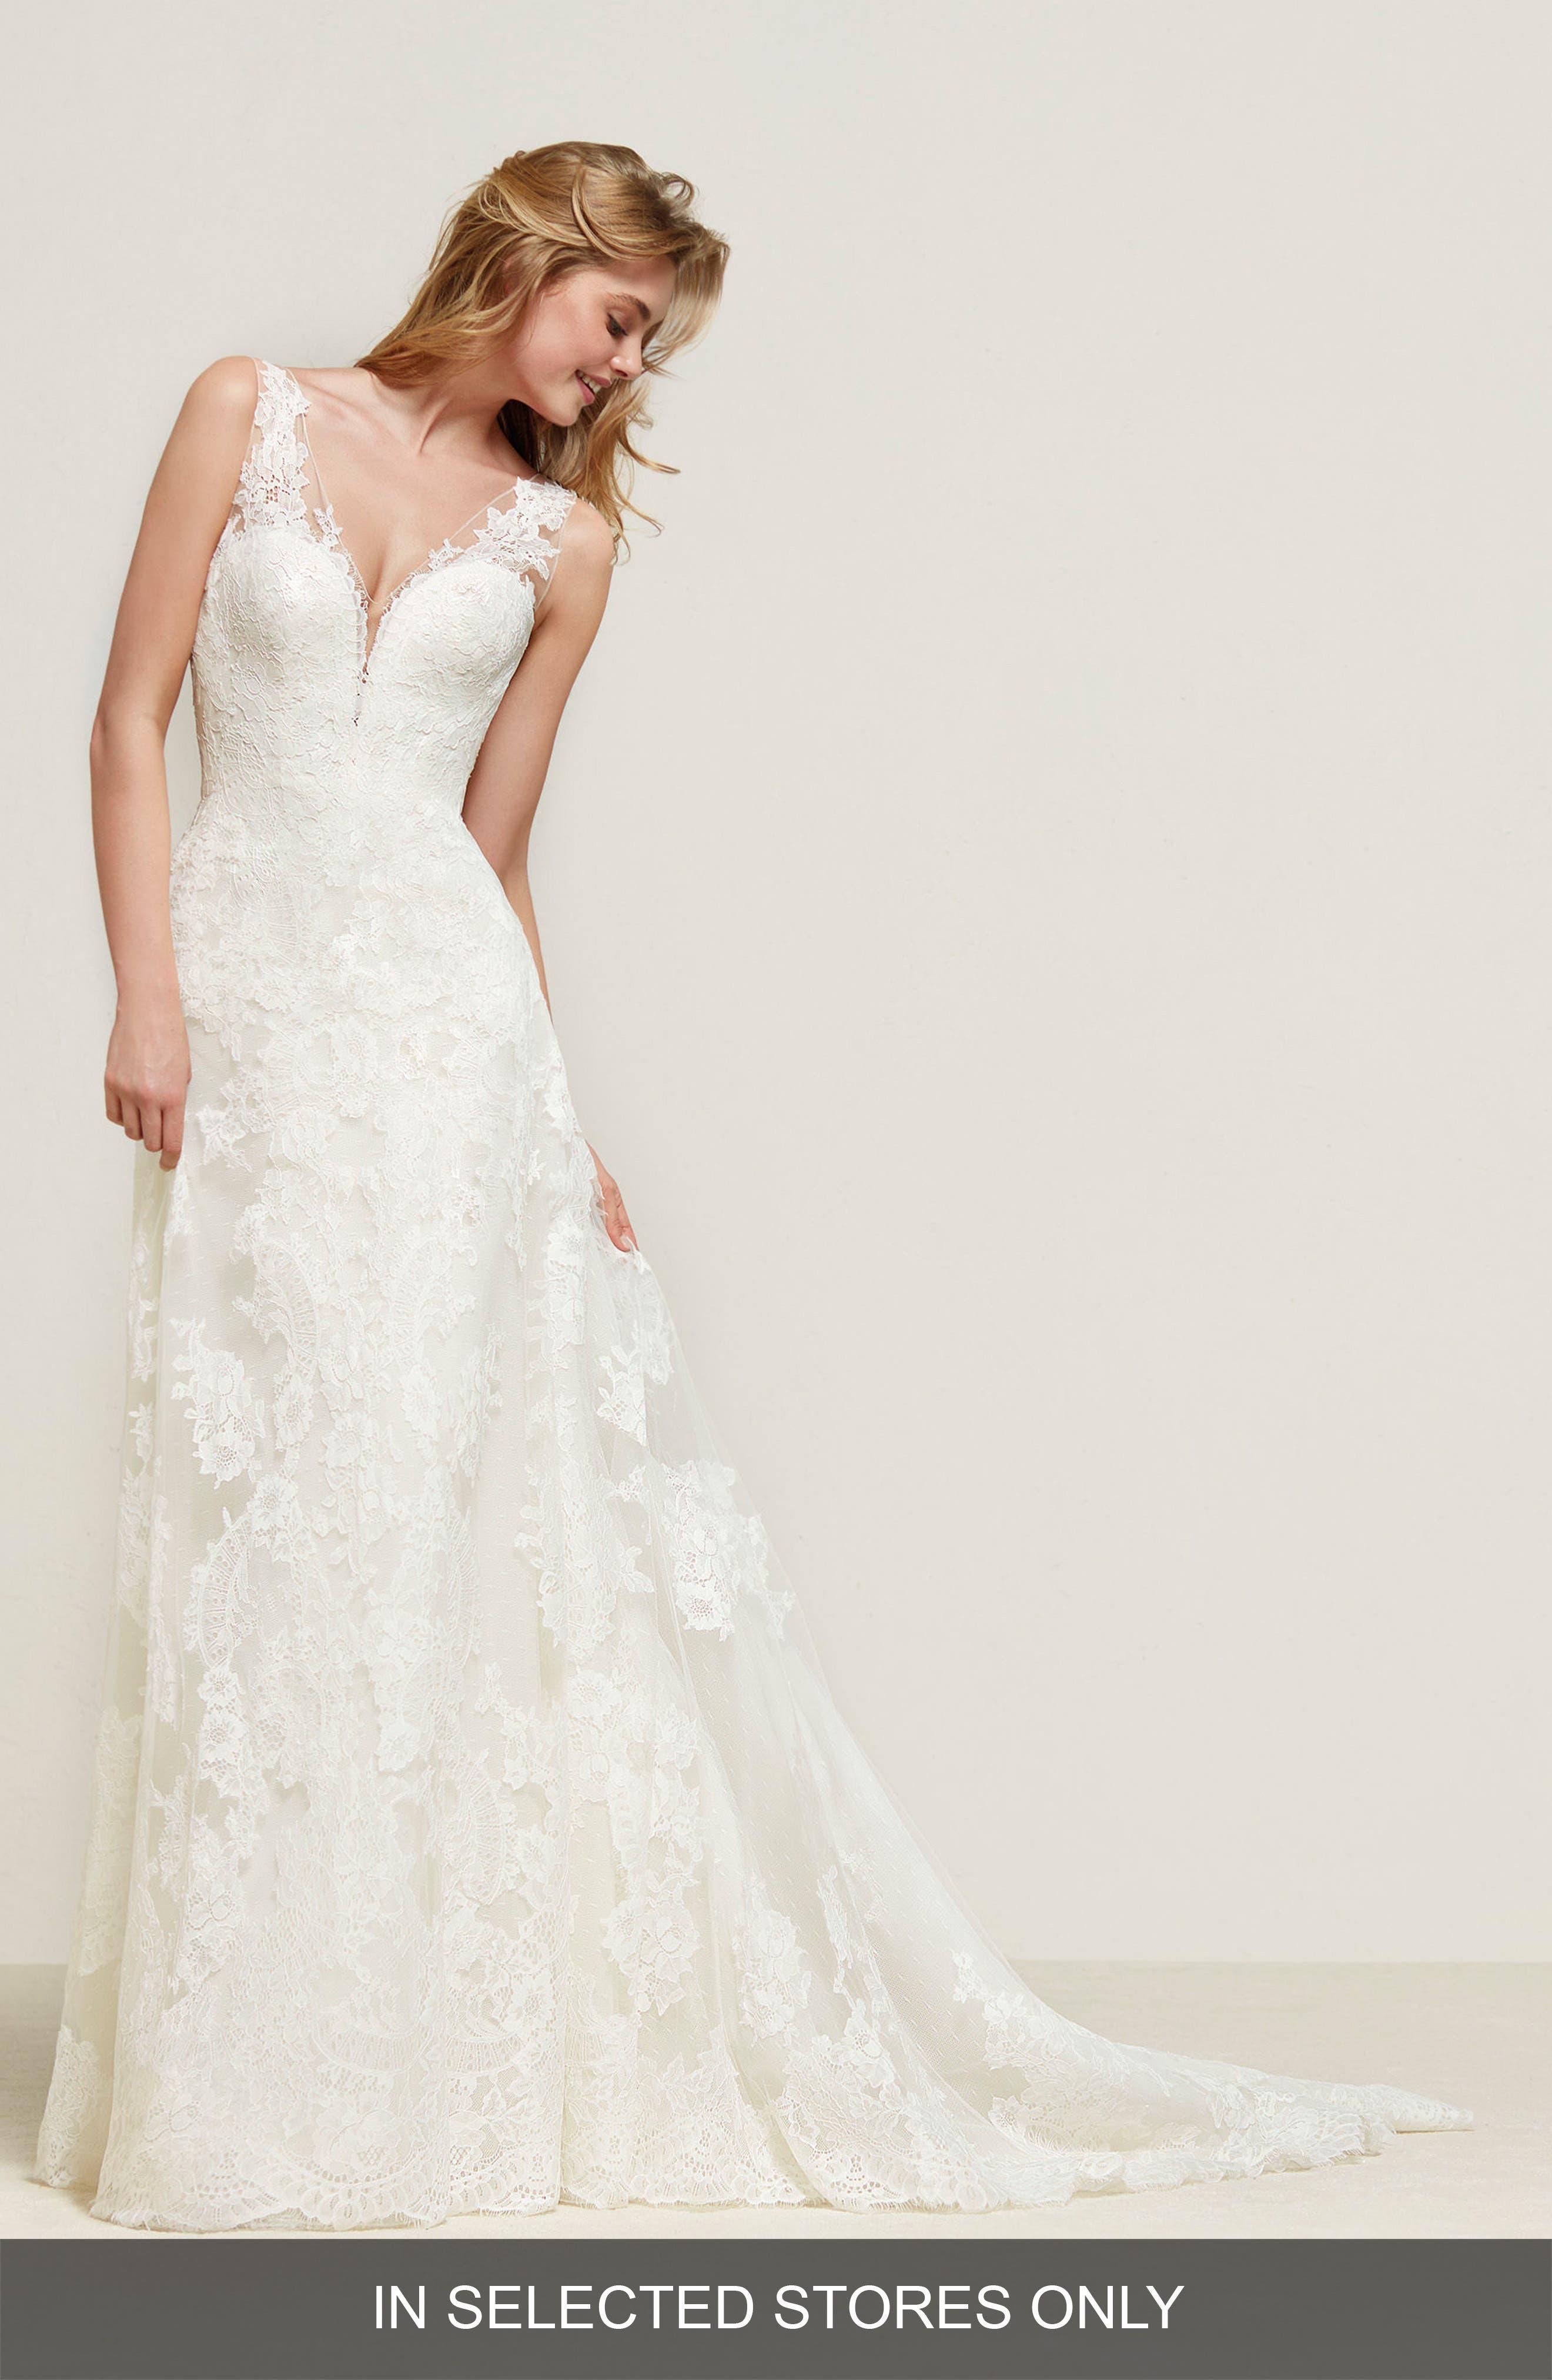 Drulias V-Neck Lace A-Line Gown,                             Main thumbnail 1, color,                             Off White